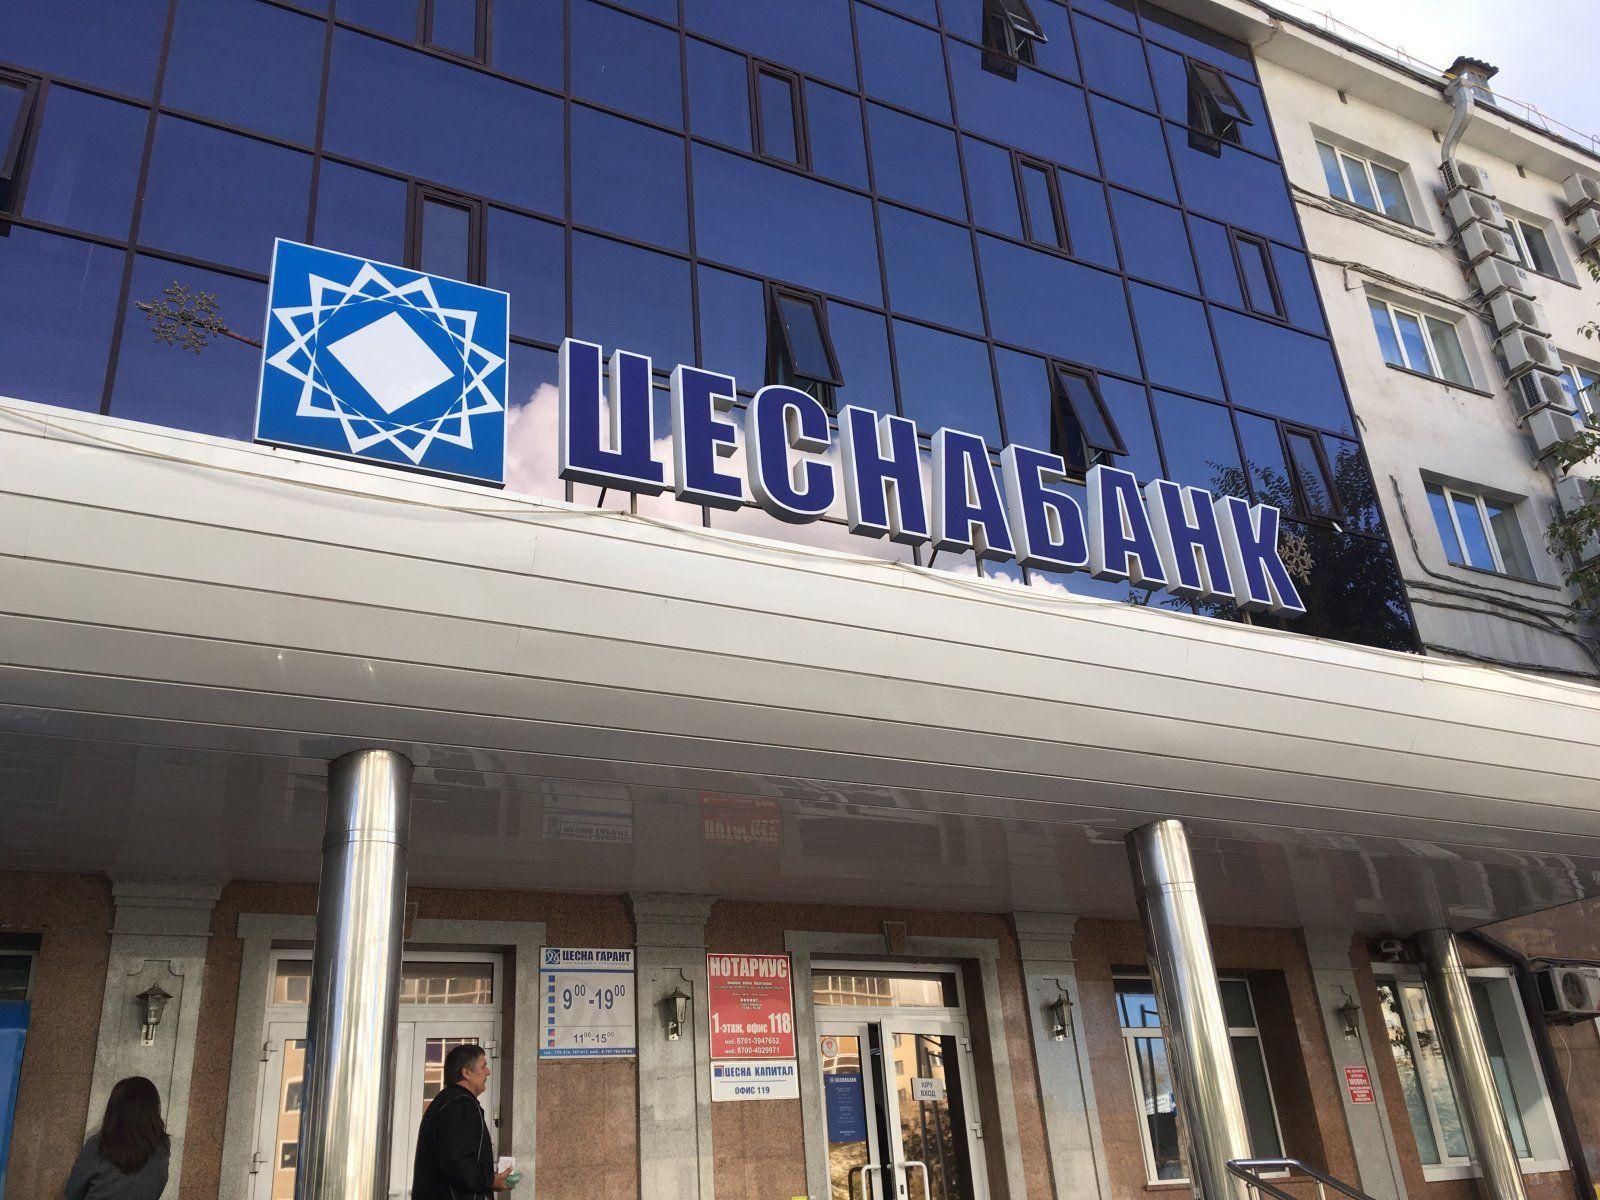 Правительство и Нацбанк Казахстана планируют выкупить портфель сельхозкредитов у «Цеснабанка» на 450 млрд тенге